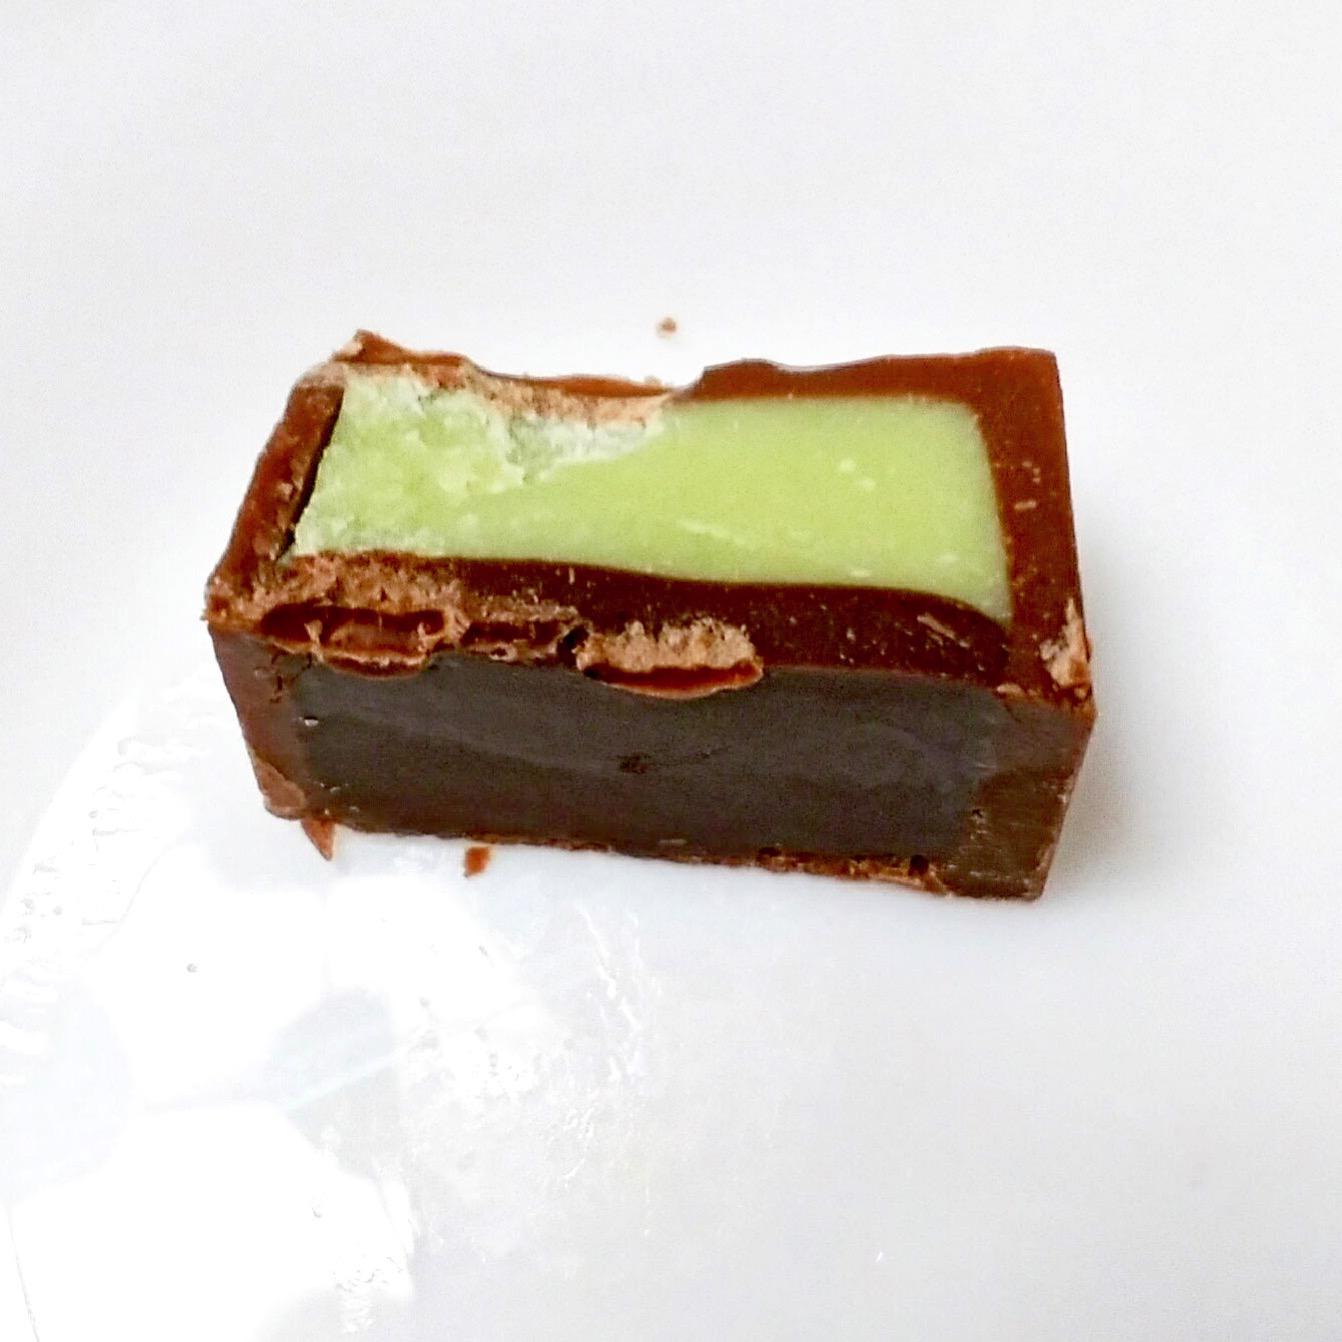 わさびチロルの中は緑のチョコレート